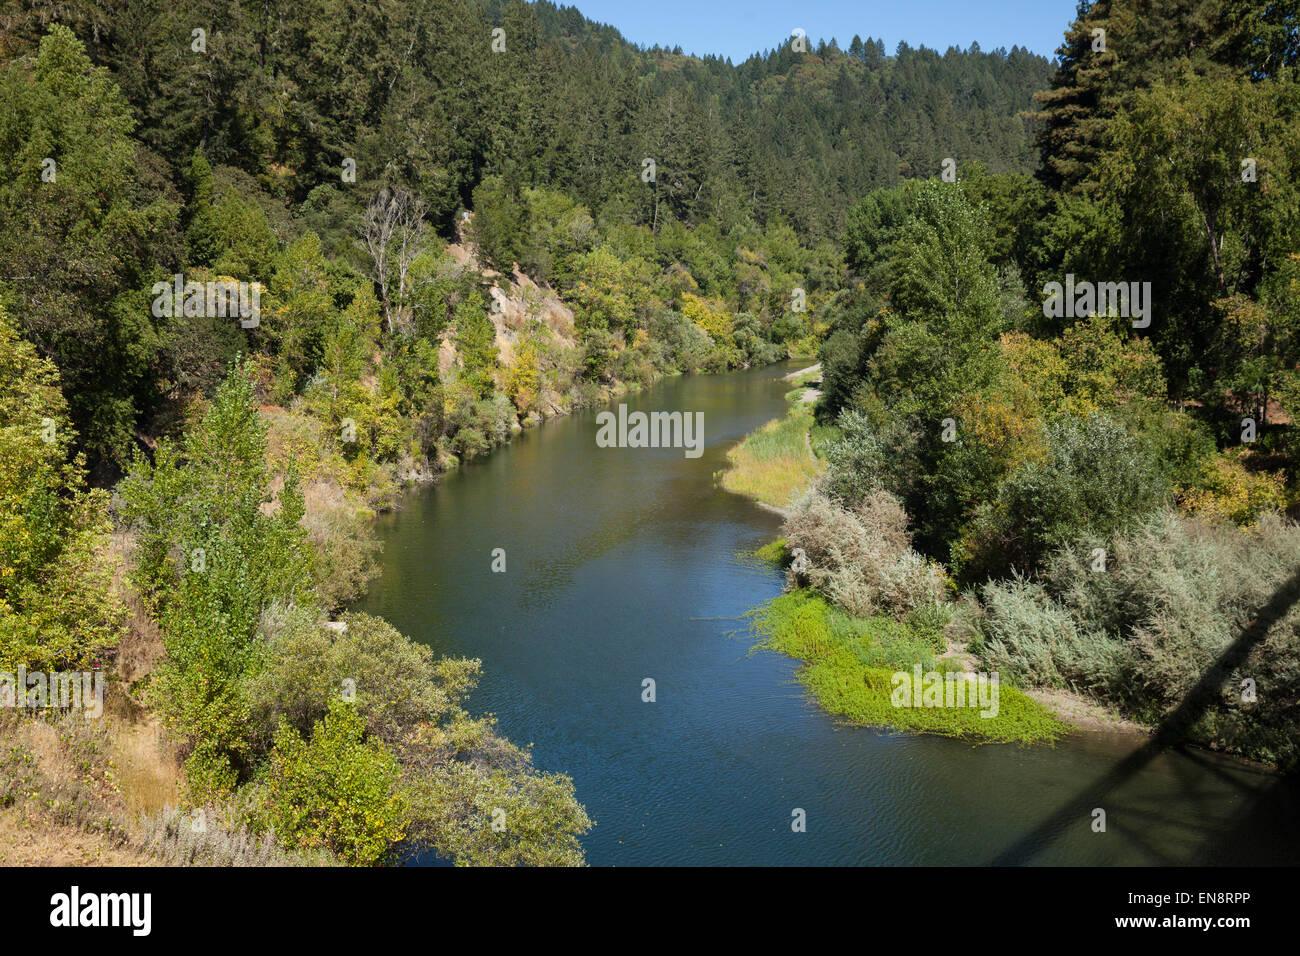 Le fleuve russe vu d'un pont près de Guernville en Californie du Nord. Banque D'Images